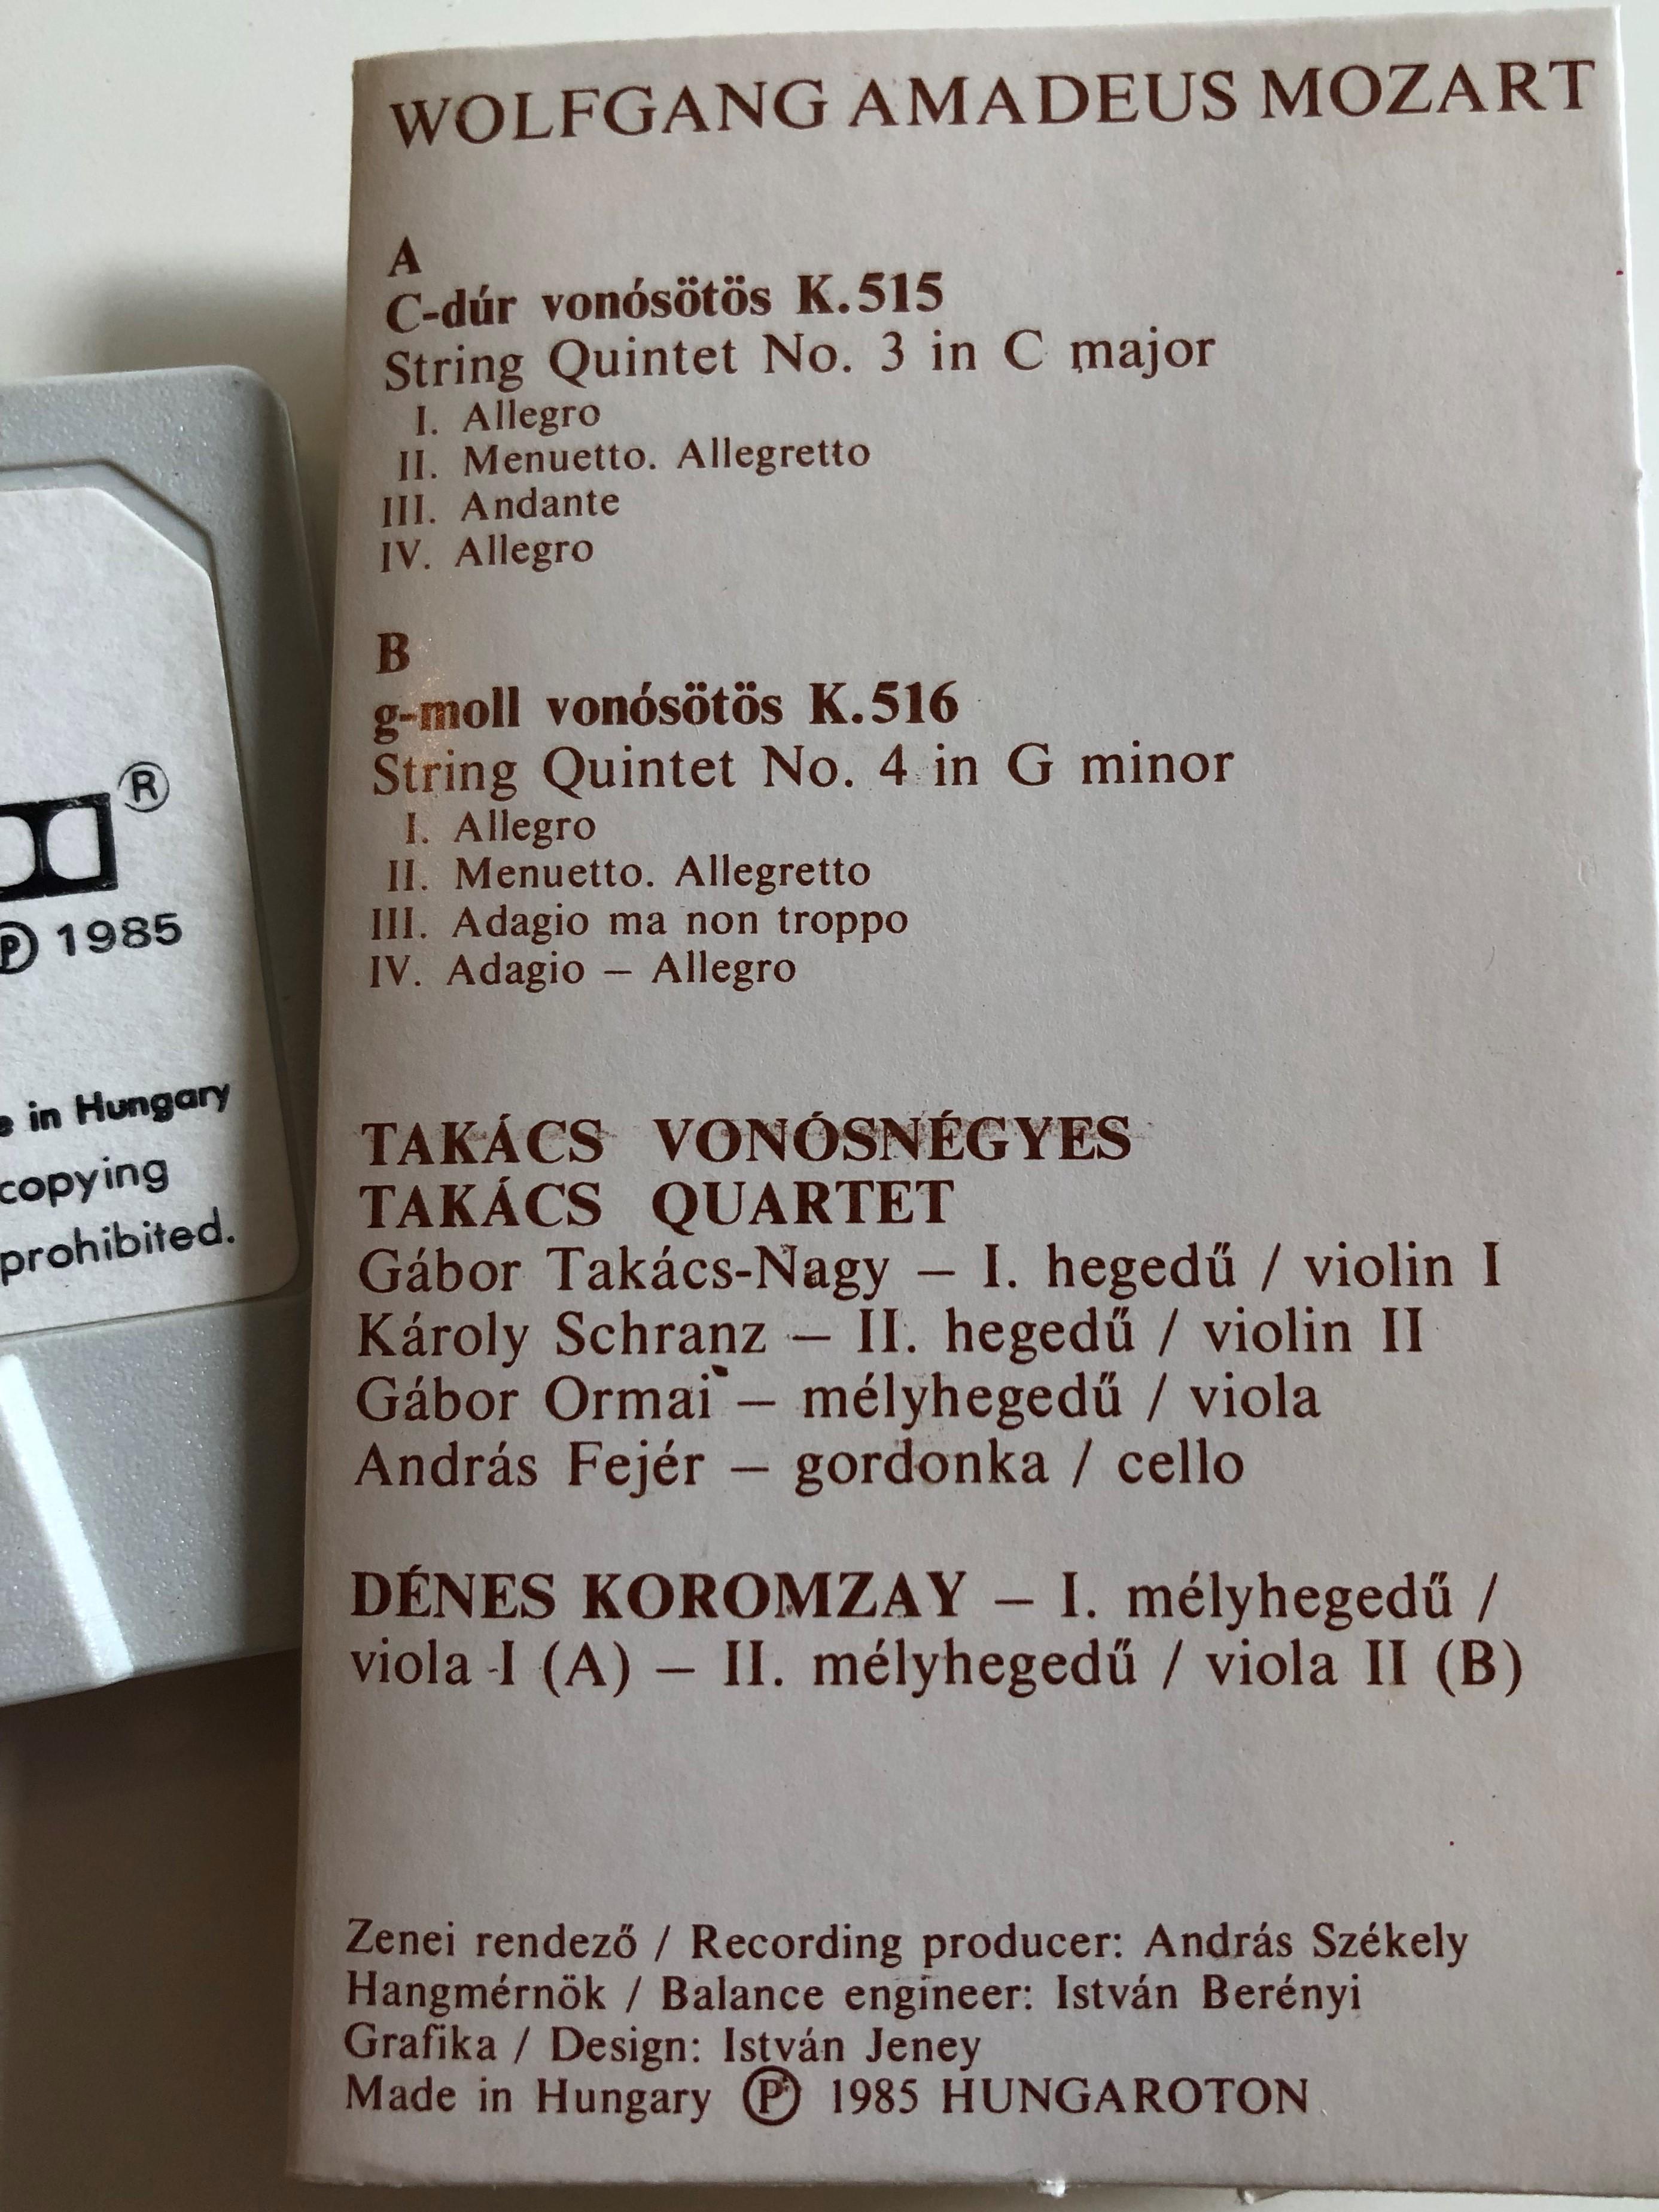 w.a.mozart-string-quintets-in-c-major-k515-in-g-minor-k516-takacs-quartet-denes-koromzay-hungaroton-cassette-stereo-mk-12656-3-.jpg